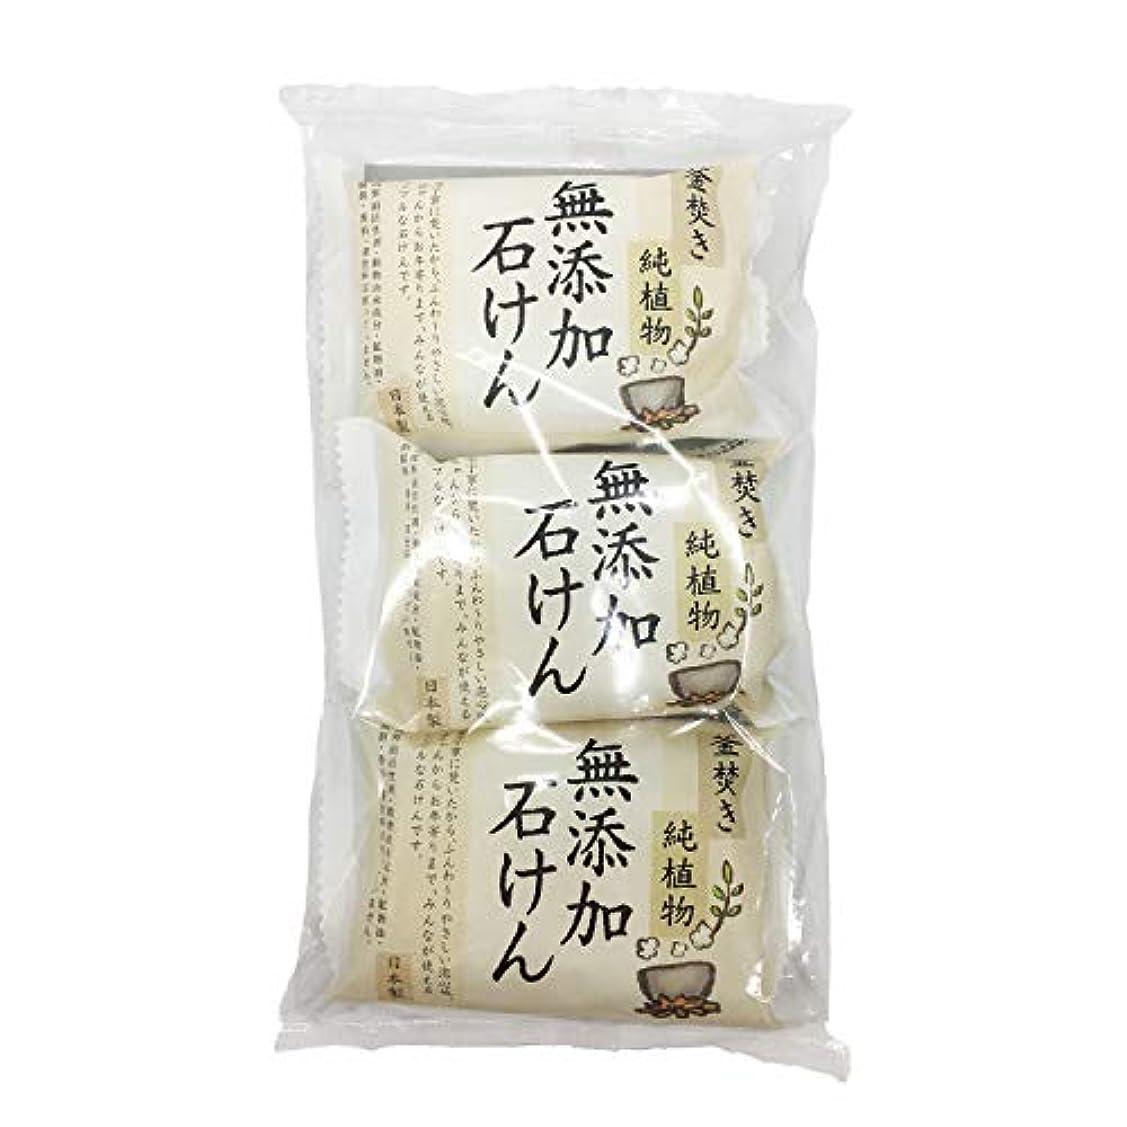 醸造所王朝環境に優しいペリカン石鹸 釜焚き純植物無添加石けん 85g×3個